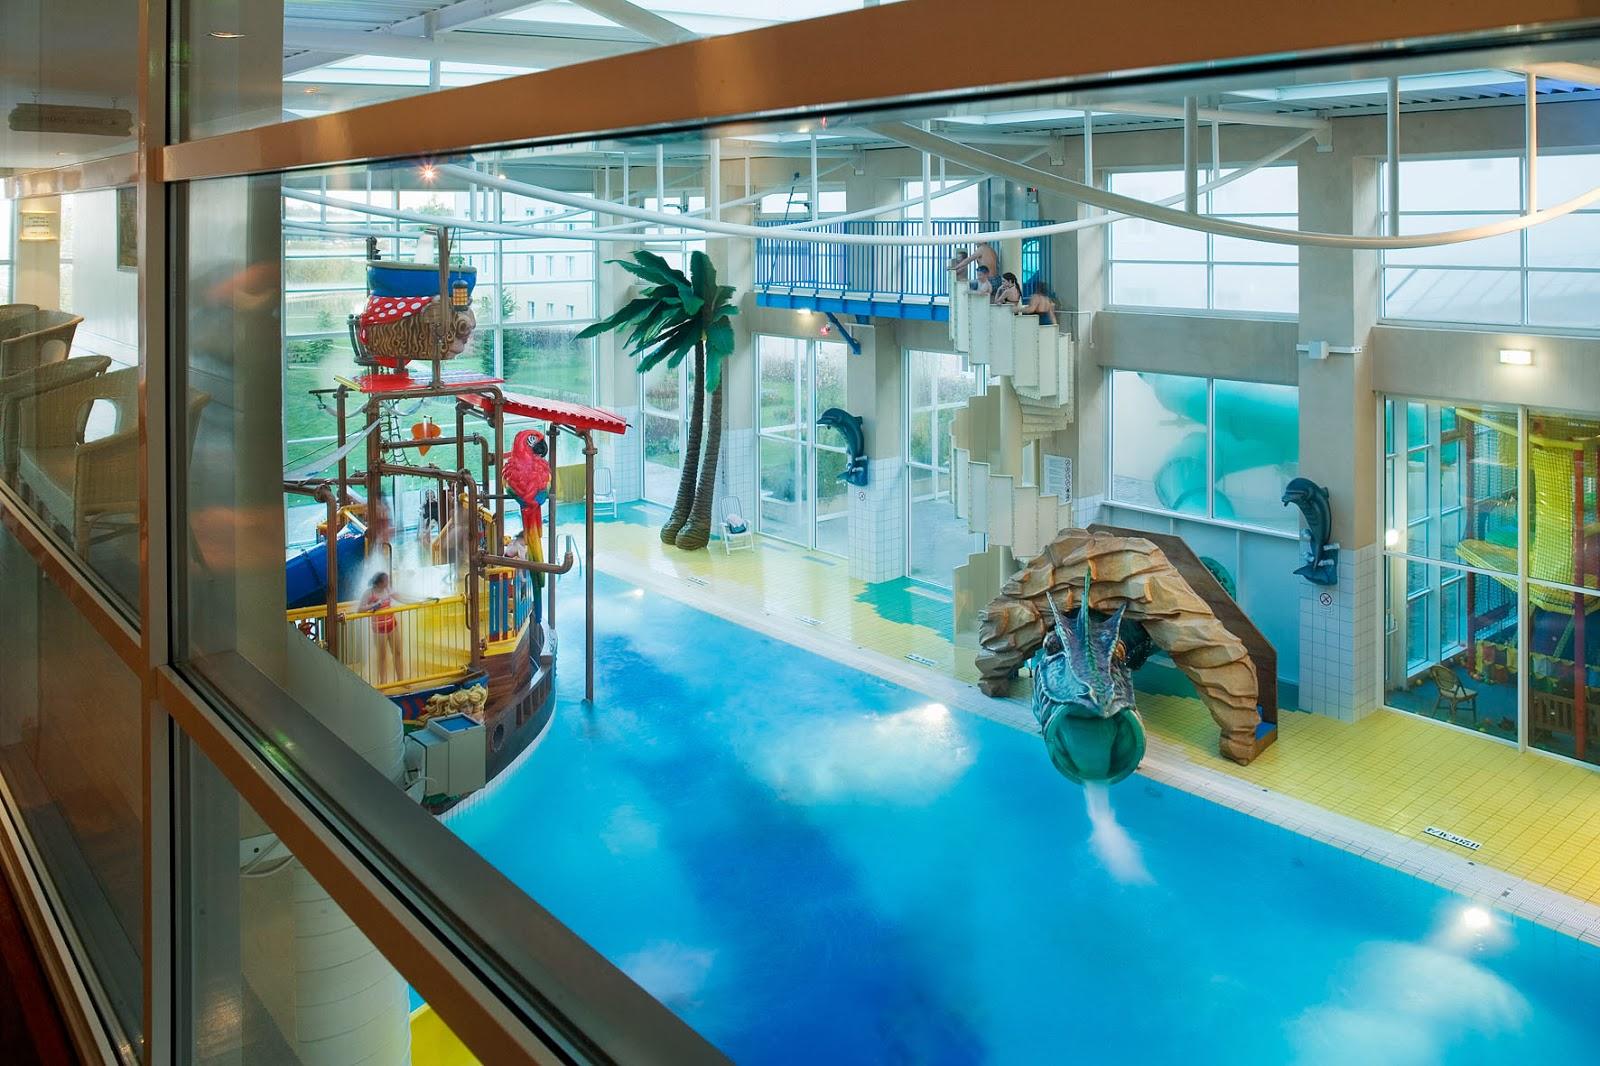 Hoteles para ni os magny le hongre francia hotel for Hoteles en madrid con piscina cubierta